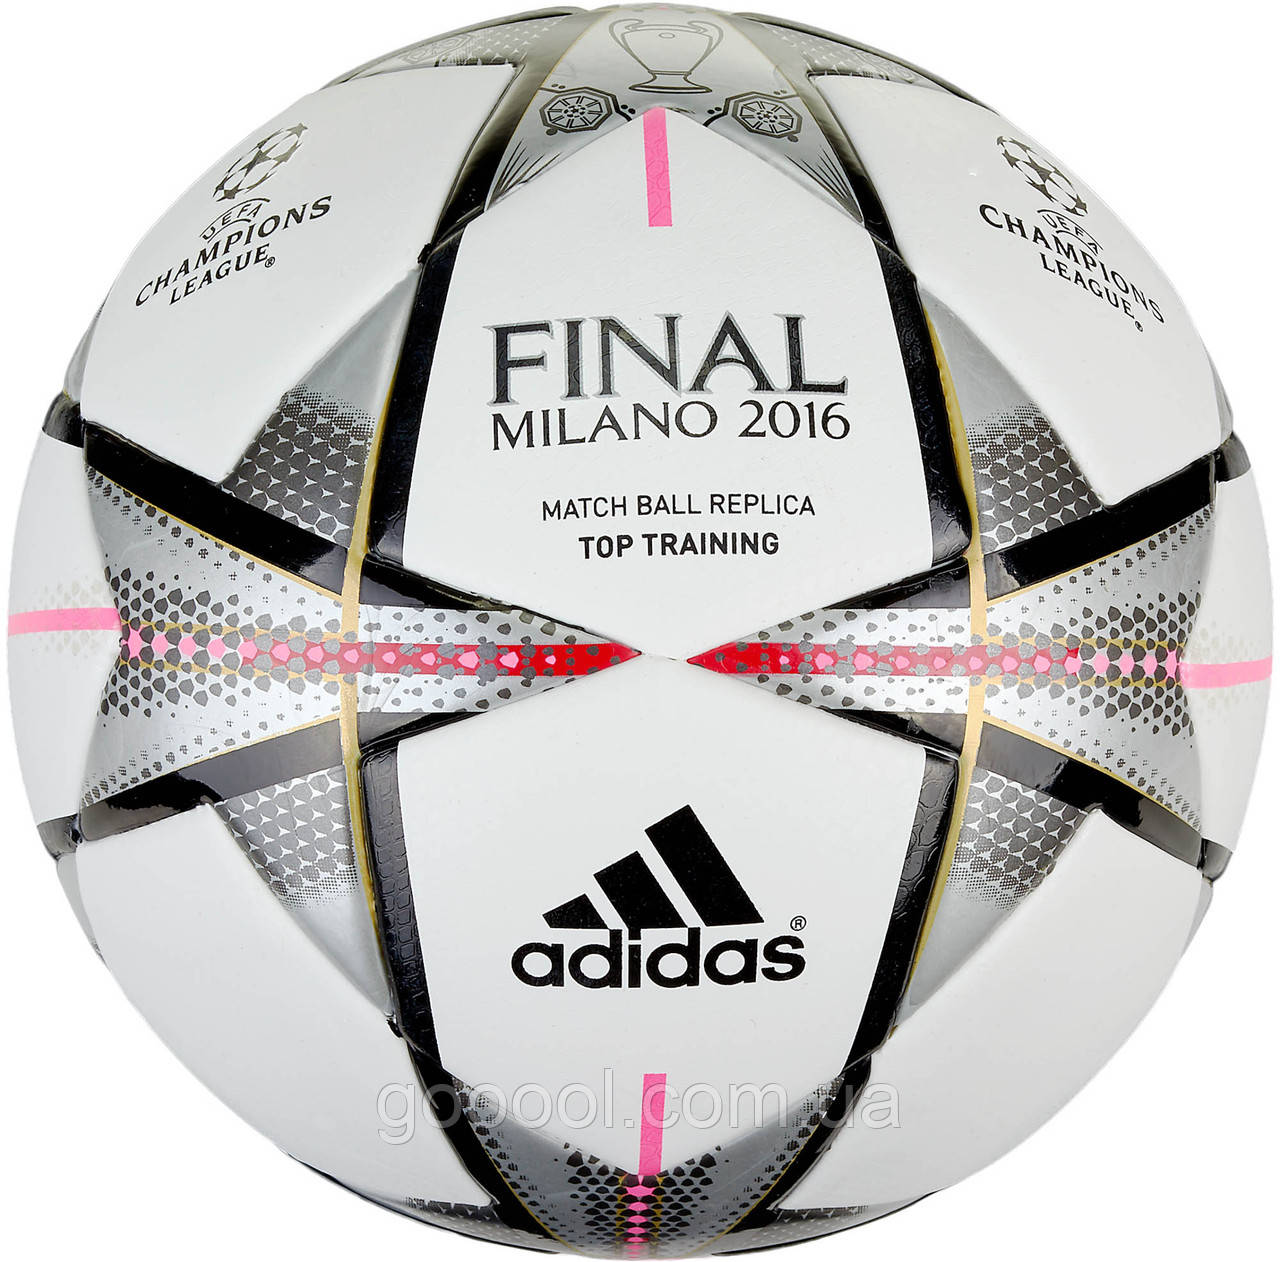 Футбольный мяч Adidas Finale Milano Top Training AC5496 - ГООООЛ›  спортивная и футбольная экипировка 8421f20464459